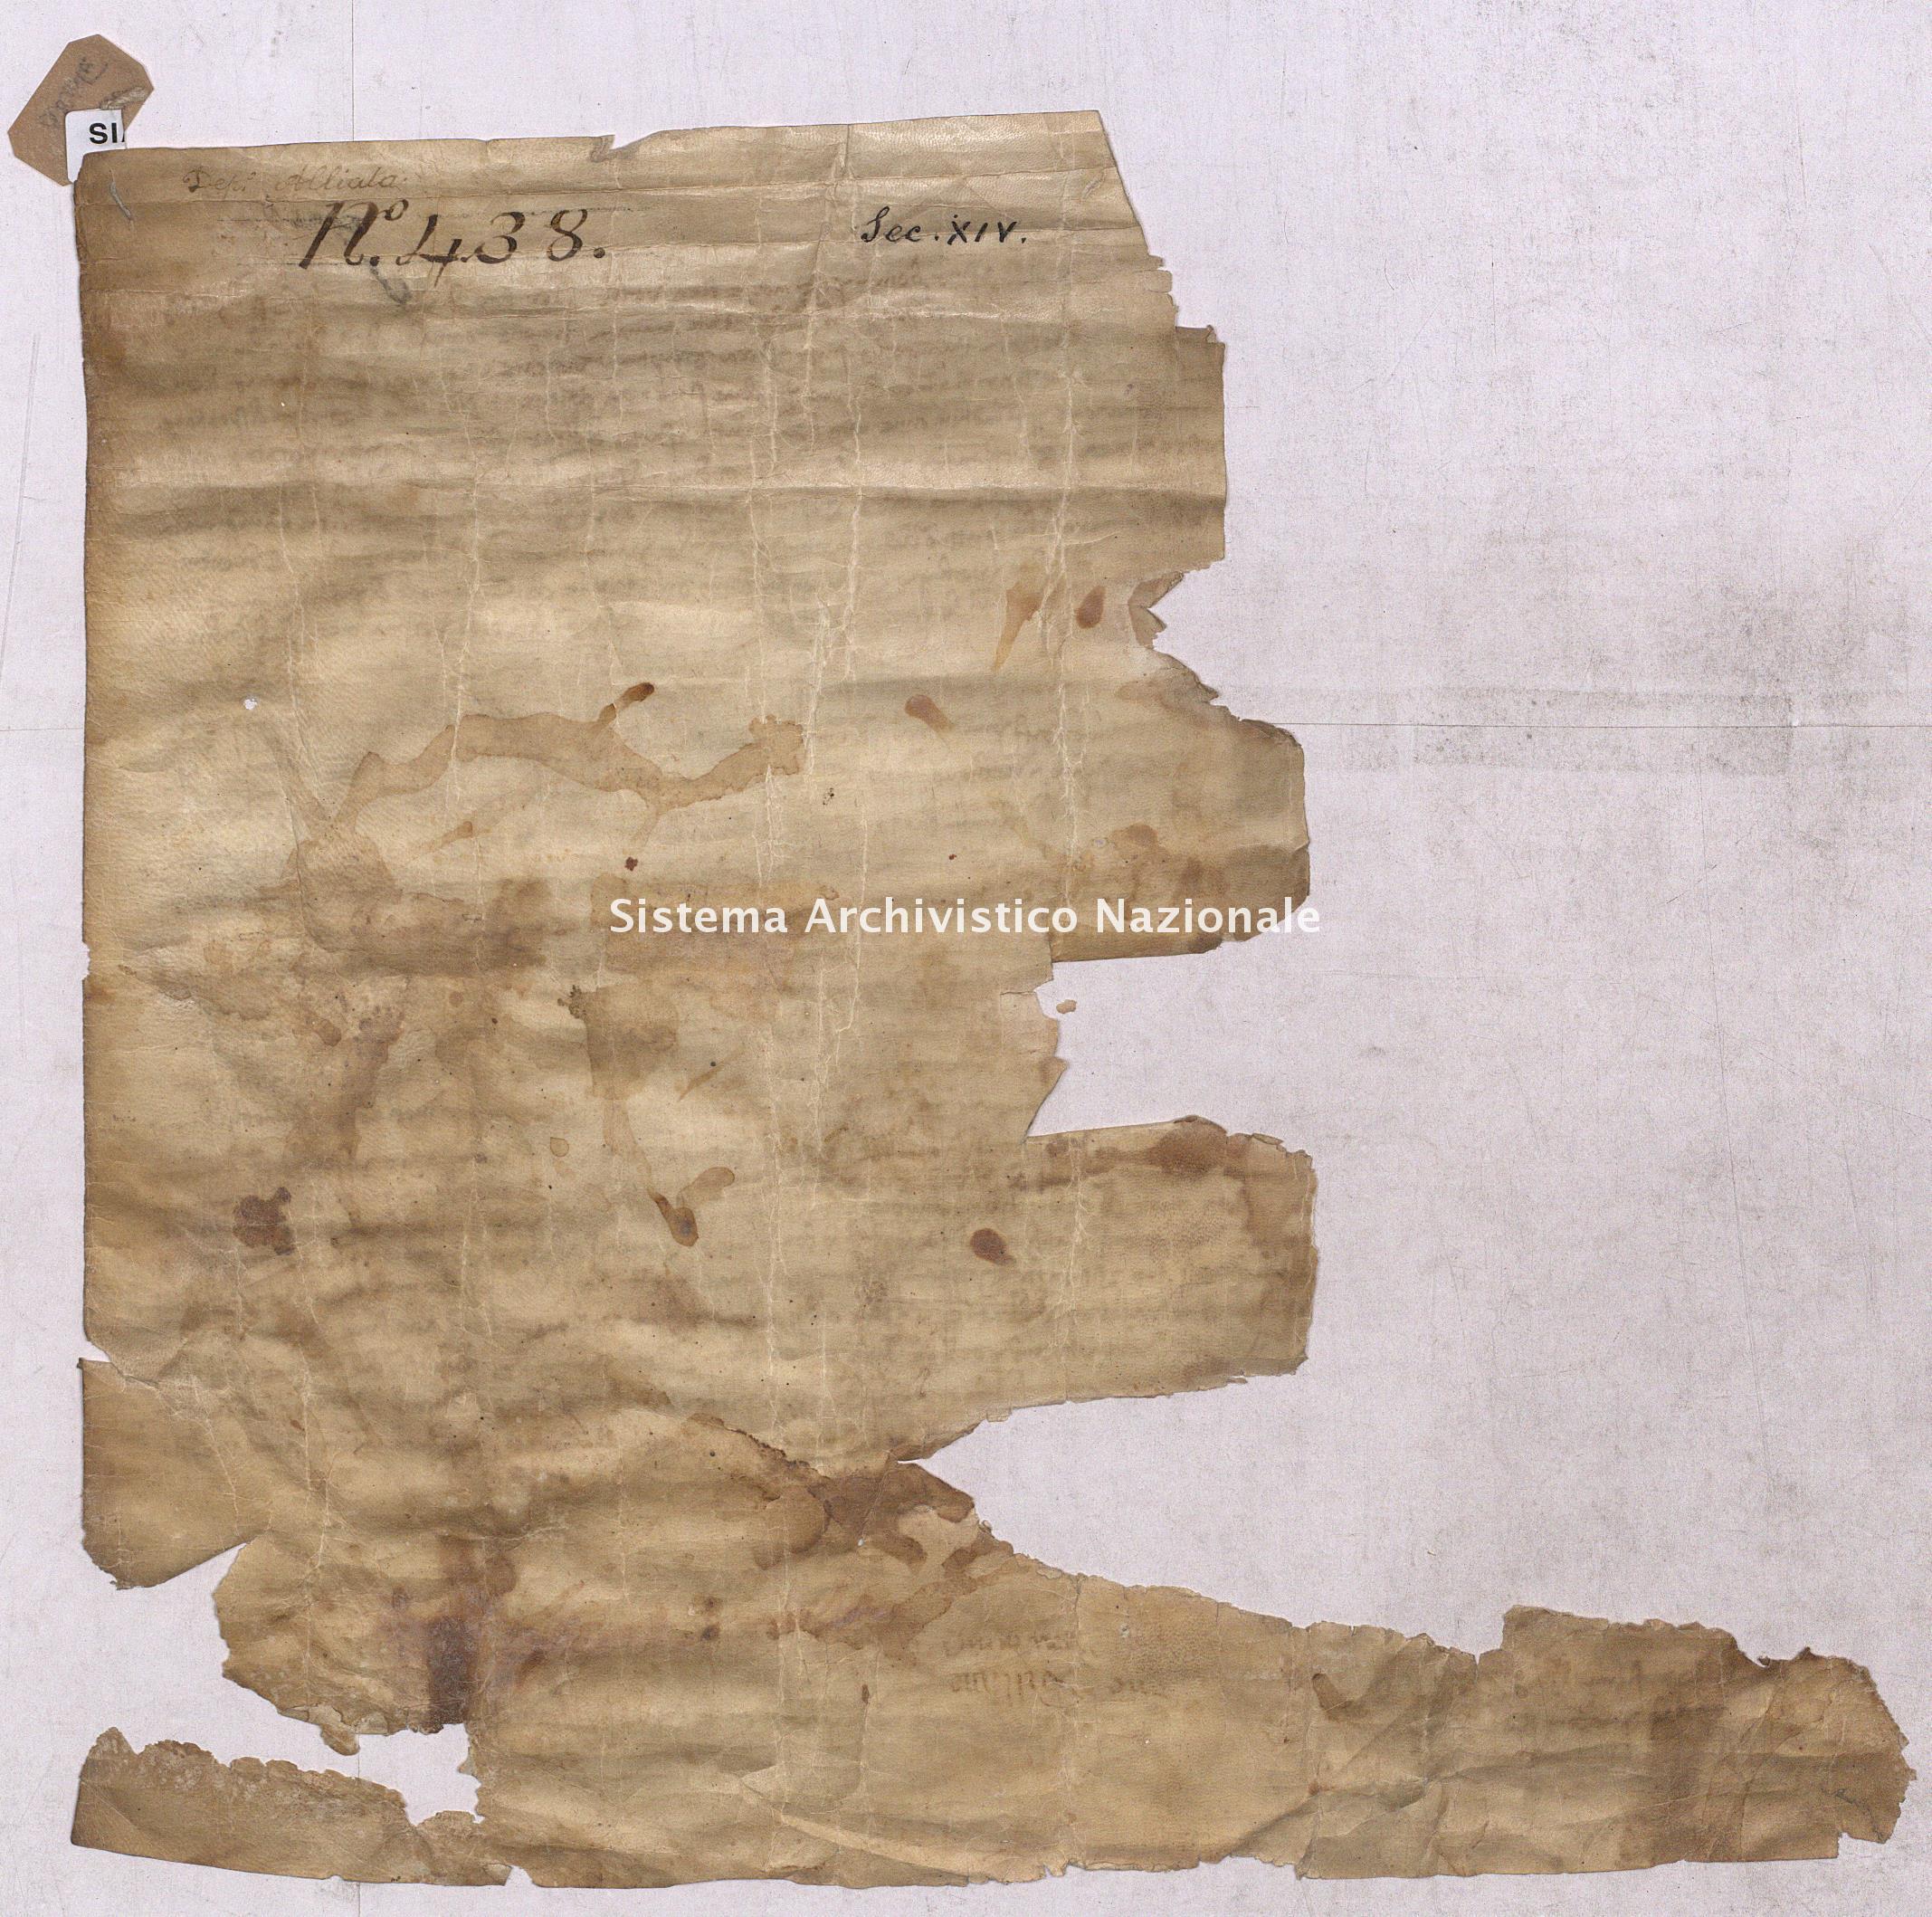 Archivio di Stato di Pisa, Diplomatico, Alliata, Pergamena ALL04017